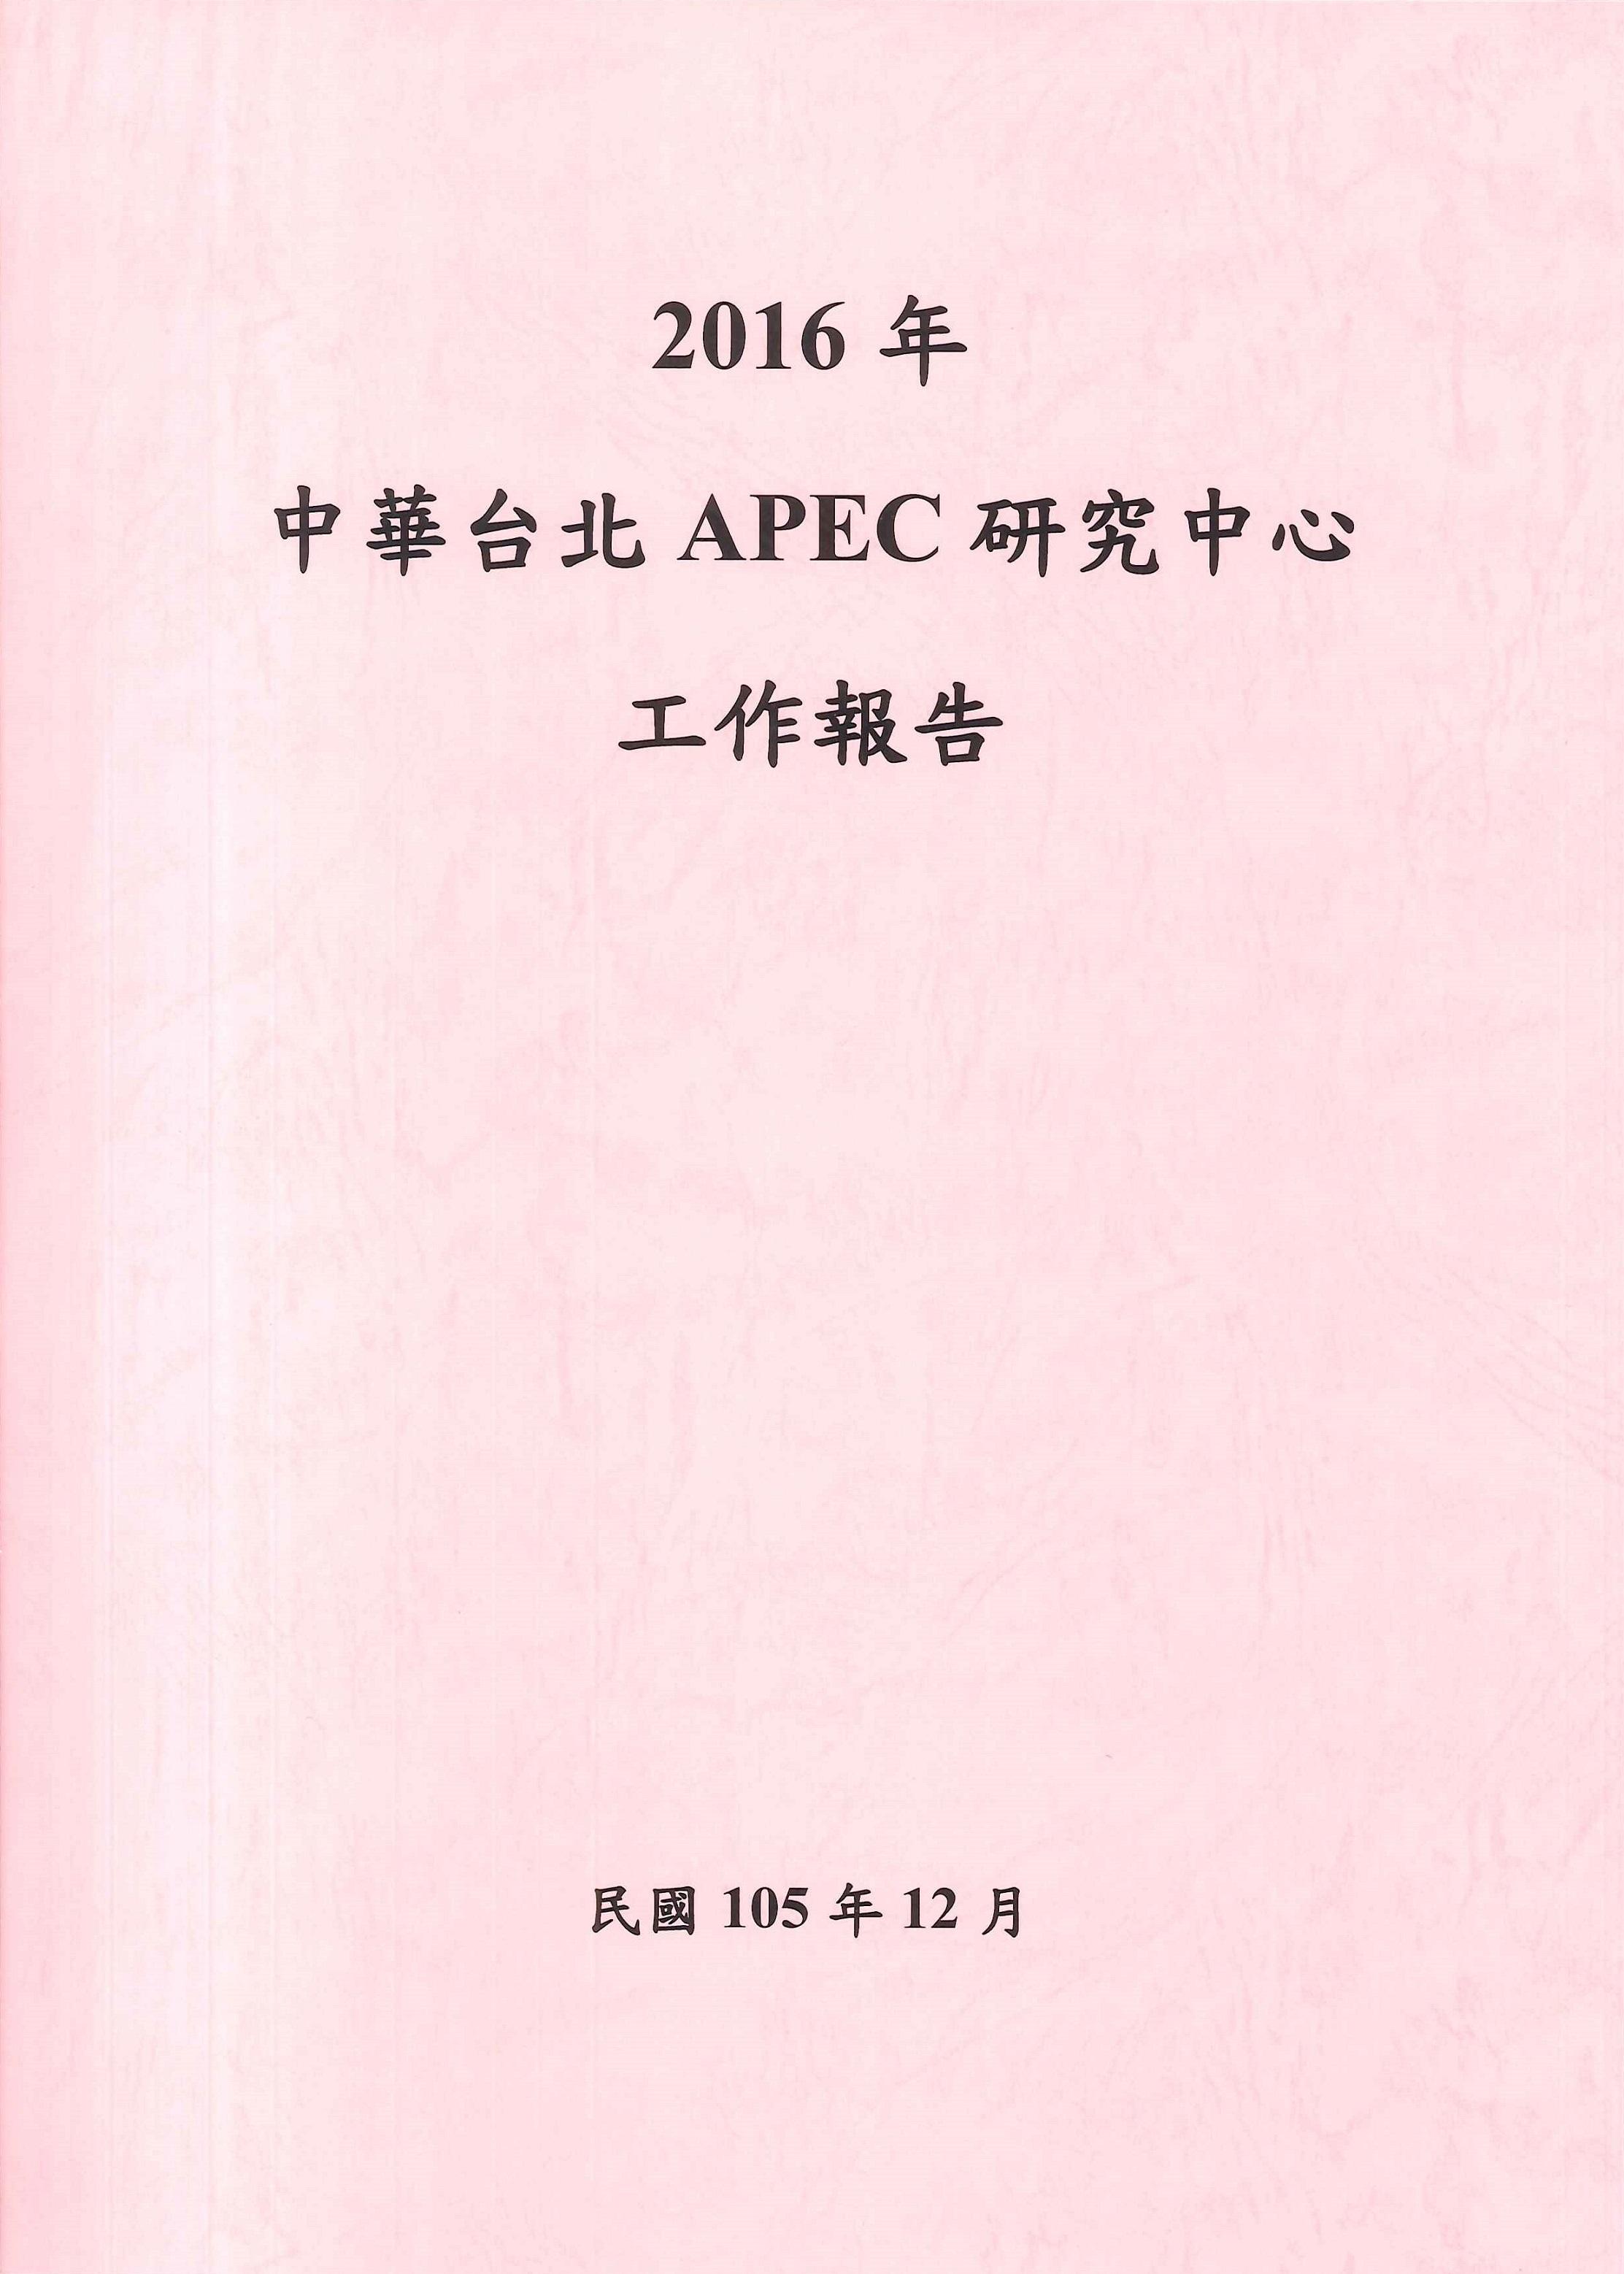 中華台北APEC研究中心工作報告